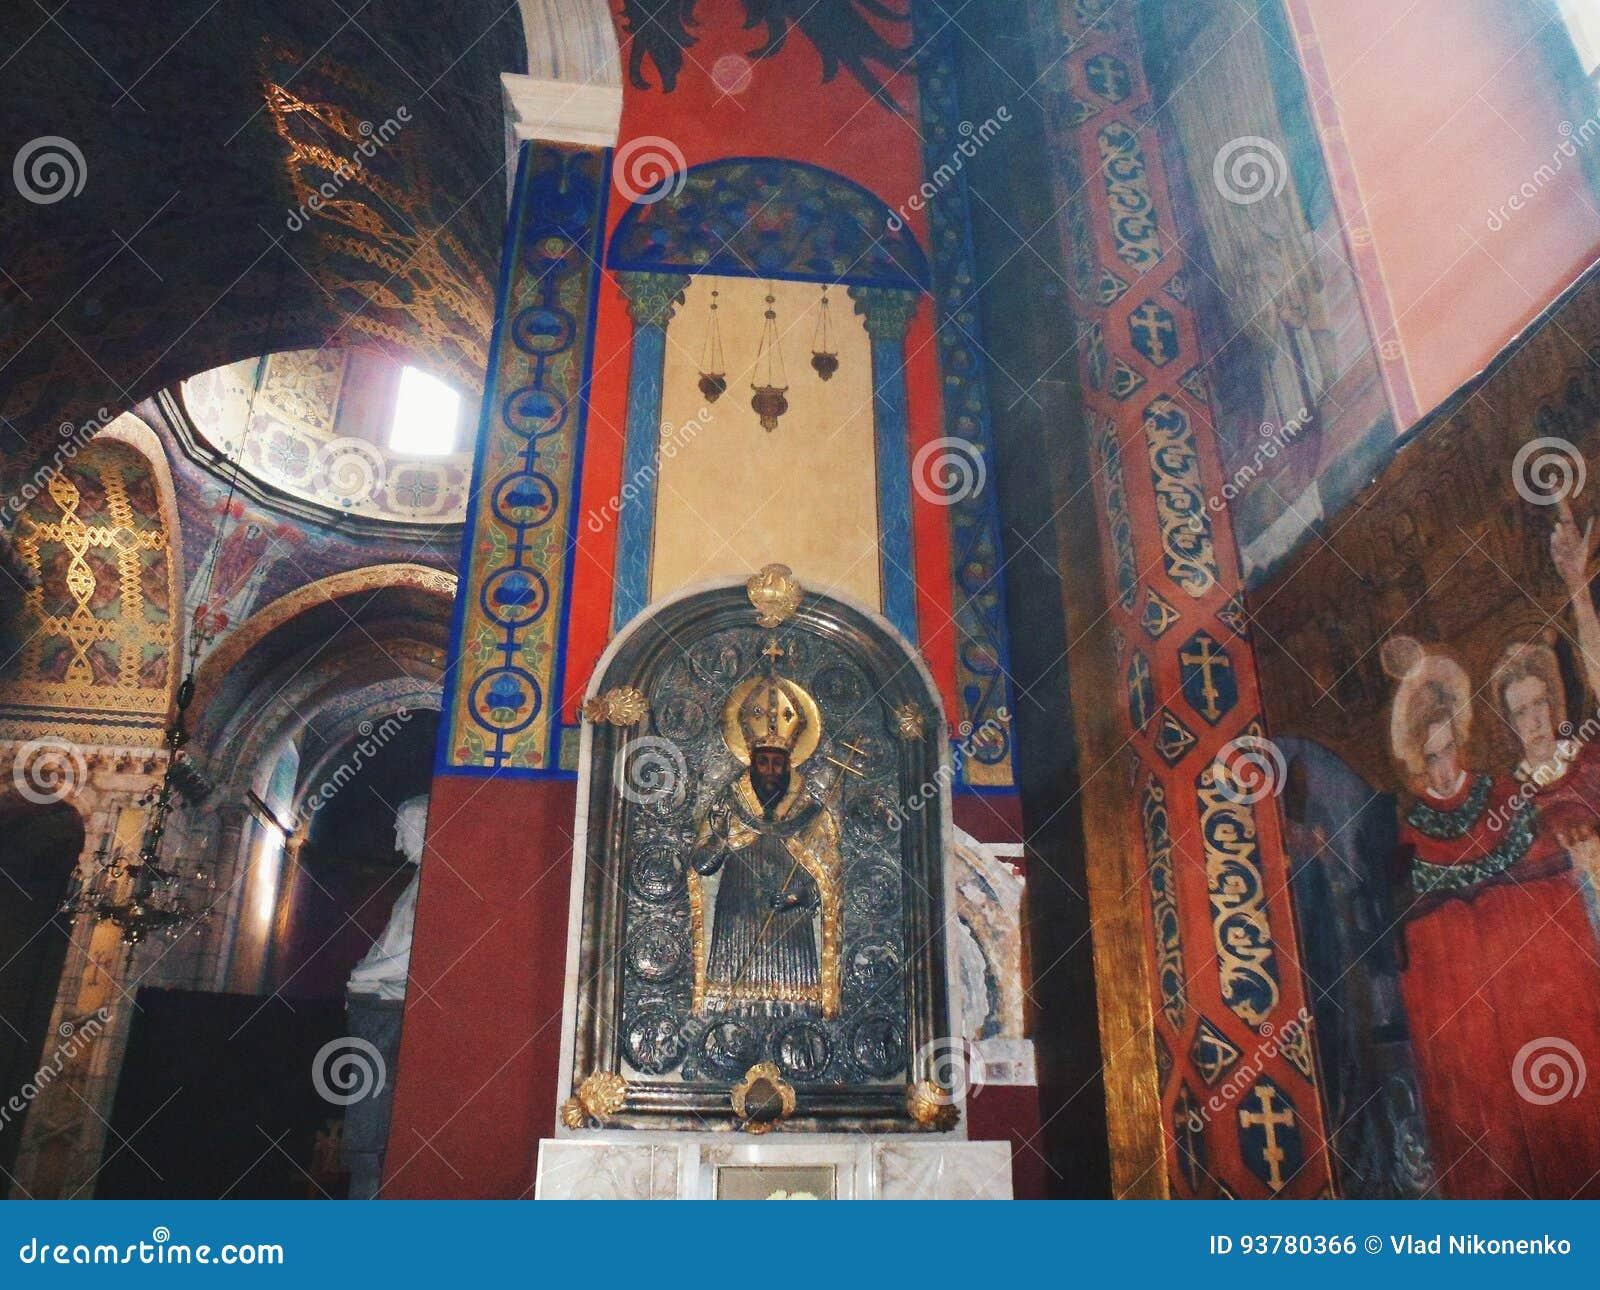 Αρμενικός καθεδρικός ναός σε Lviv, Ουκρανία